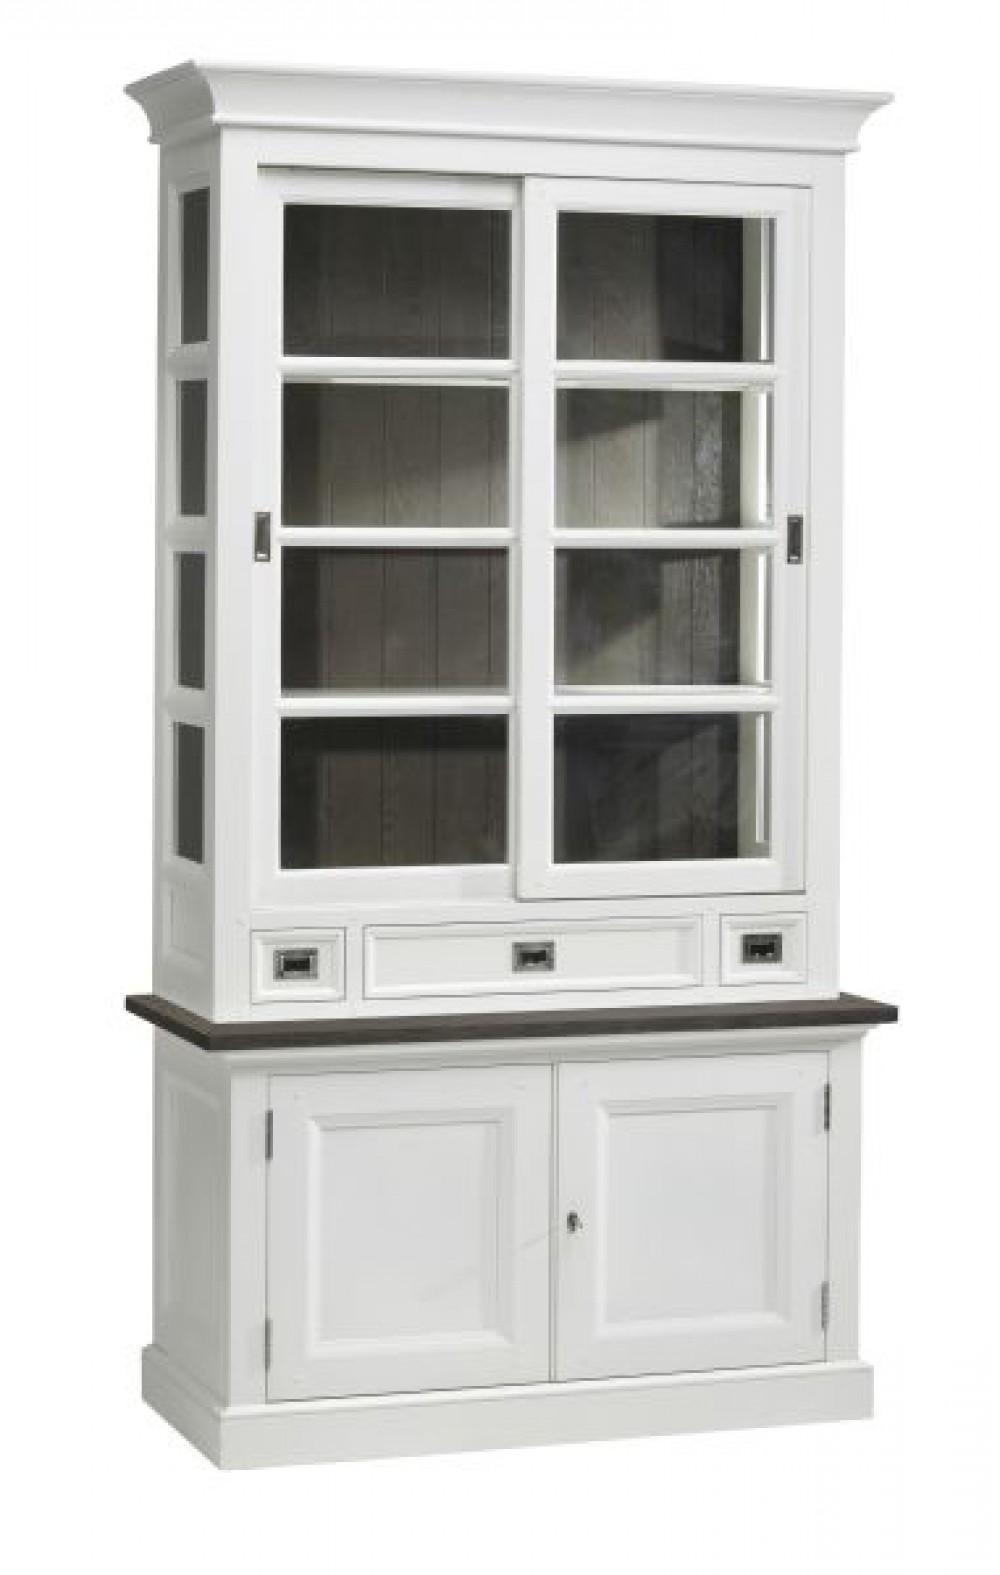 vitrine wei im landhausstil geschirrschrank wei braun breite 124 cm. Black Bedroom Furniture Sets. Home Design Ideas